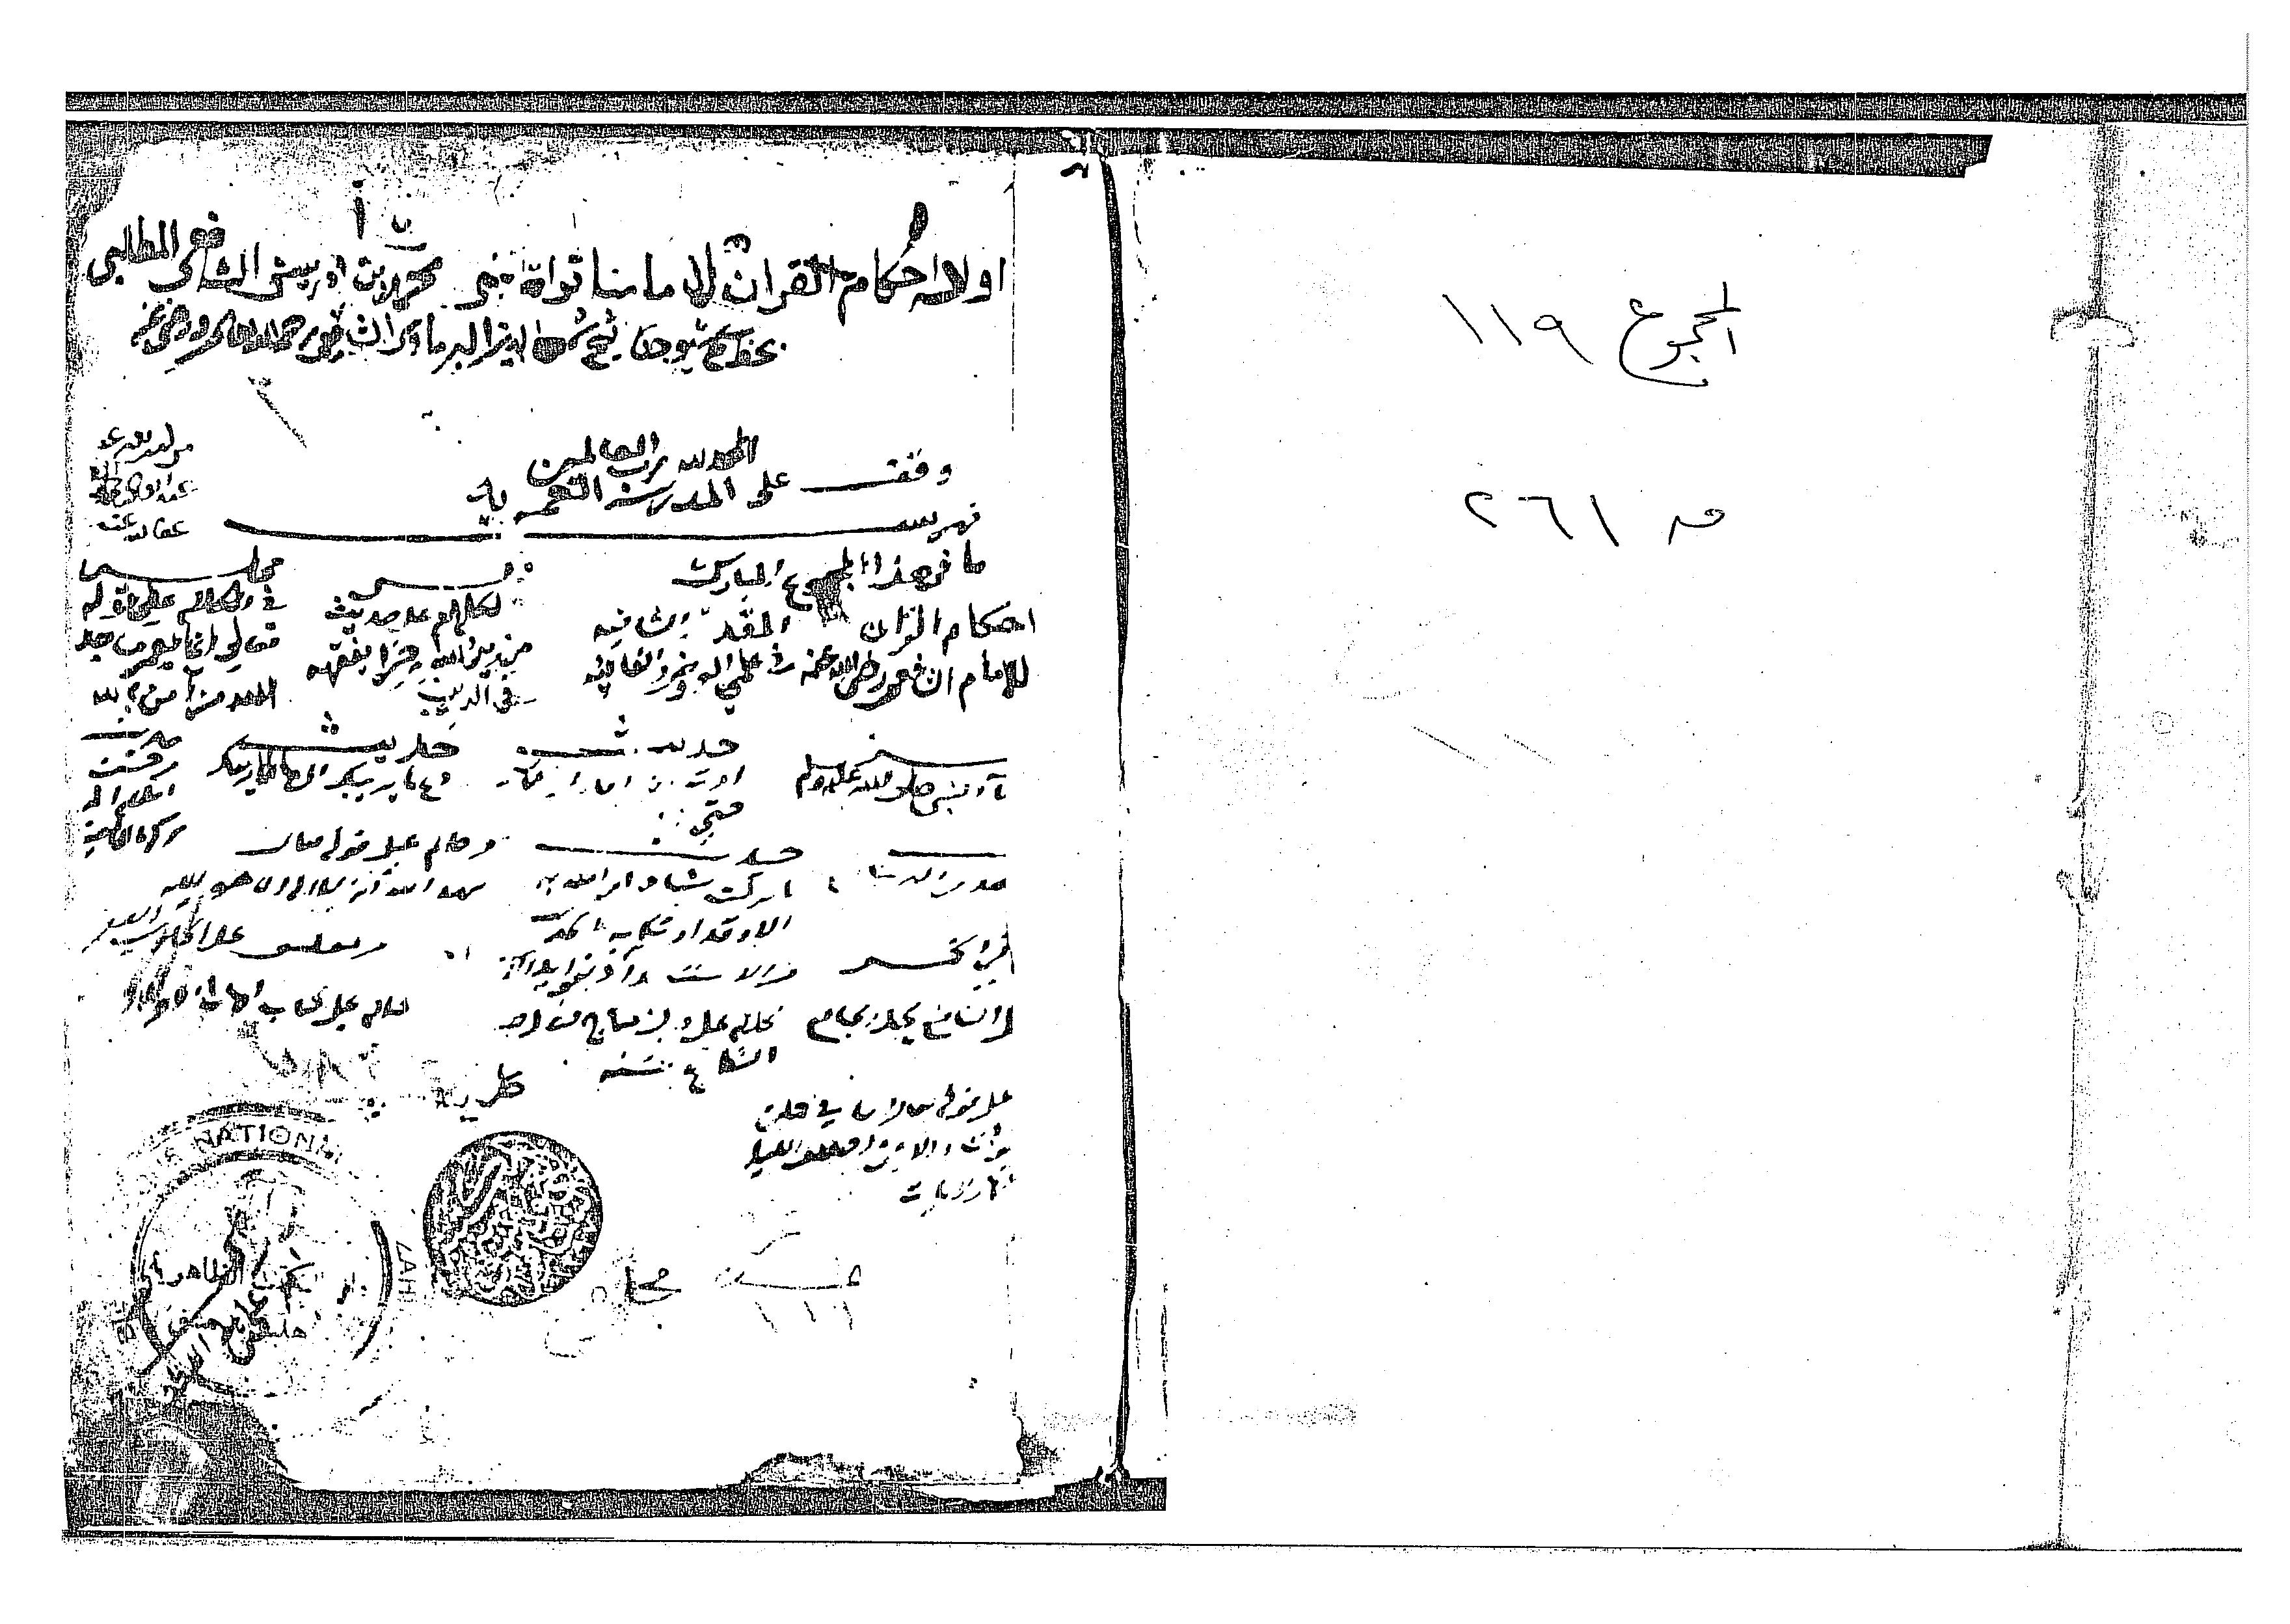 أحكام القرآن للشافعي - أبو بكر أحمد بن الحسين بن علي الخسروجردي البيهقي (ت 458)